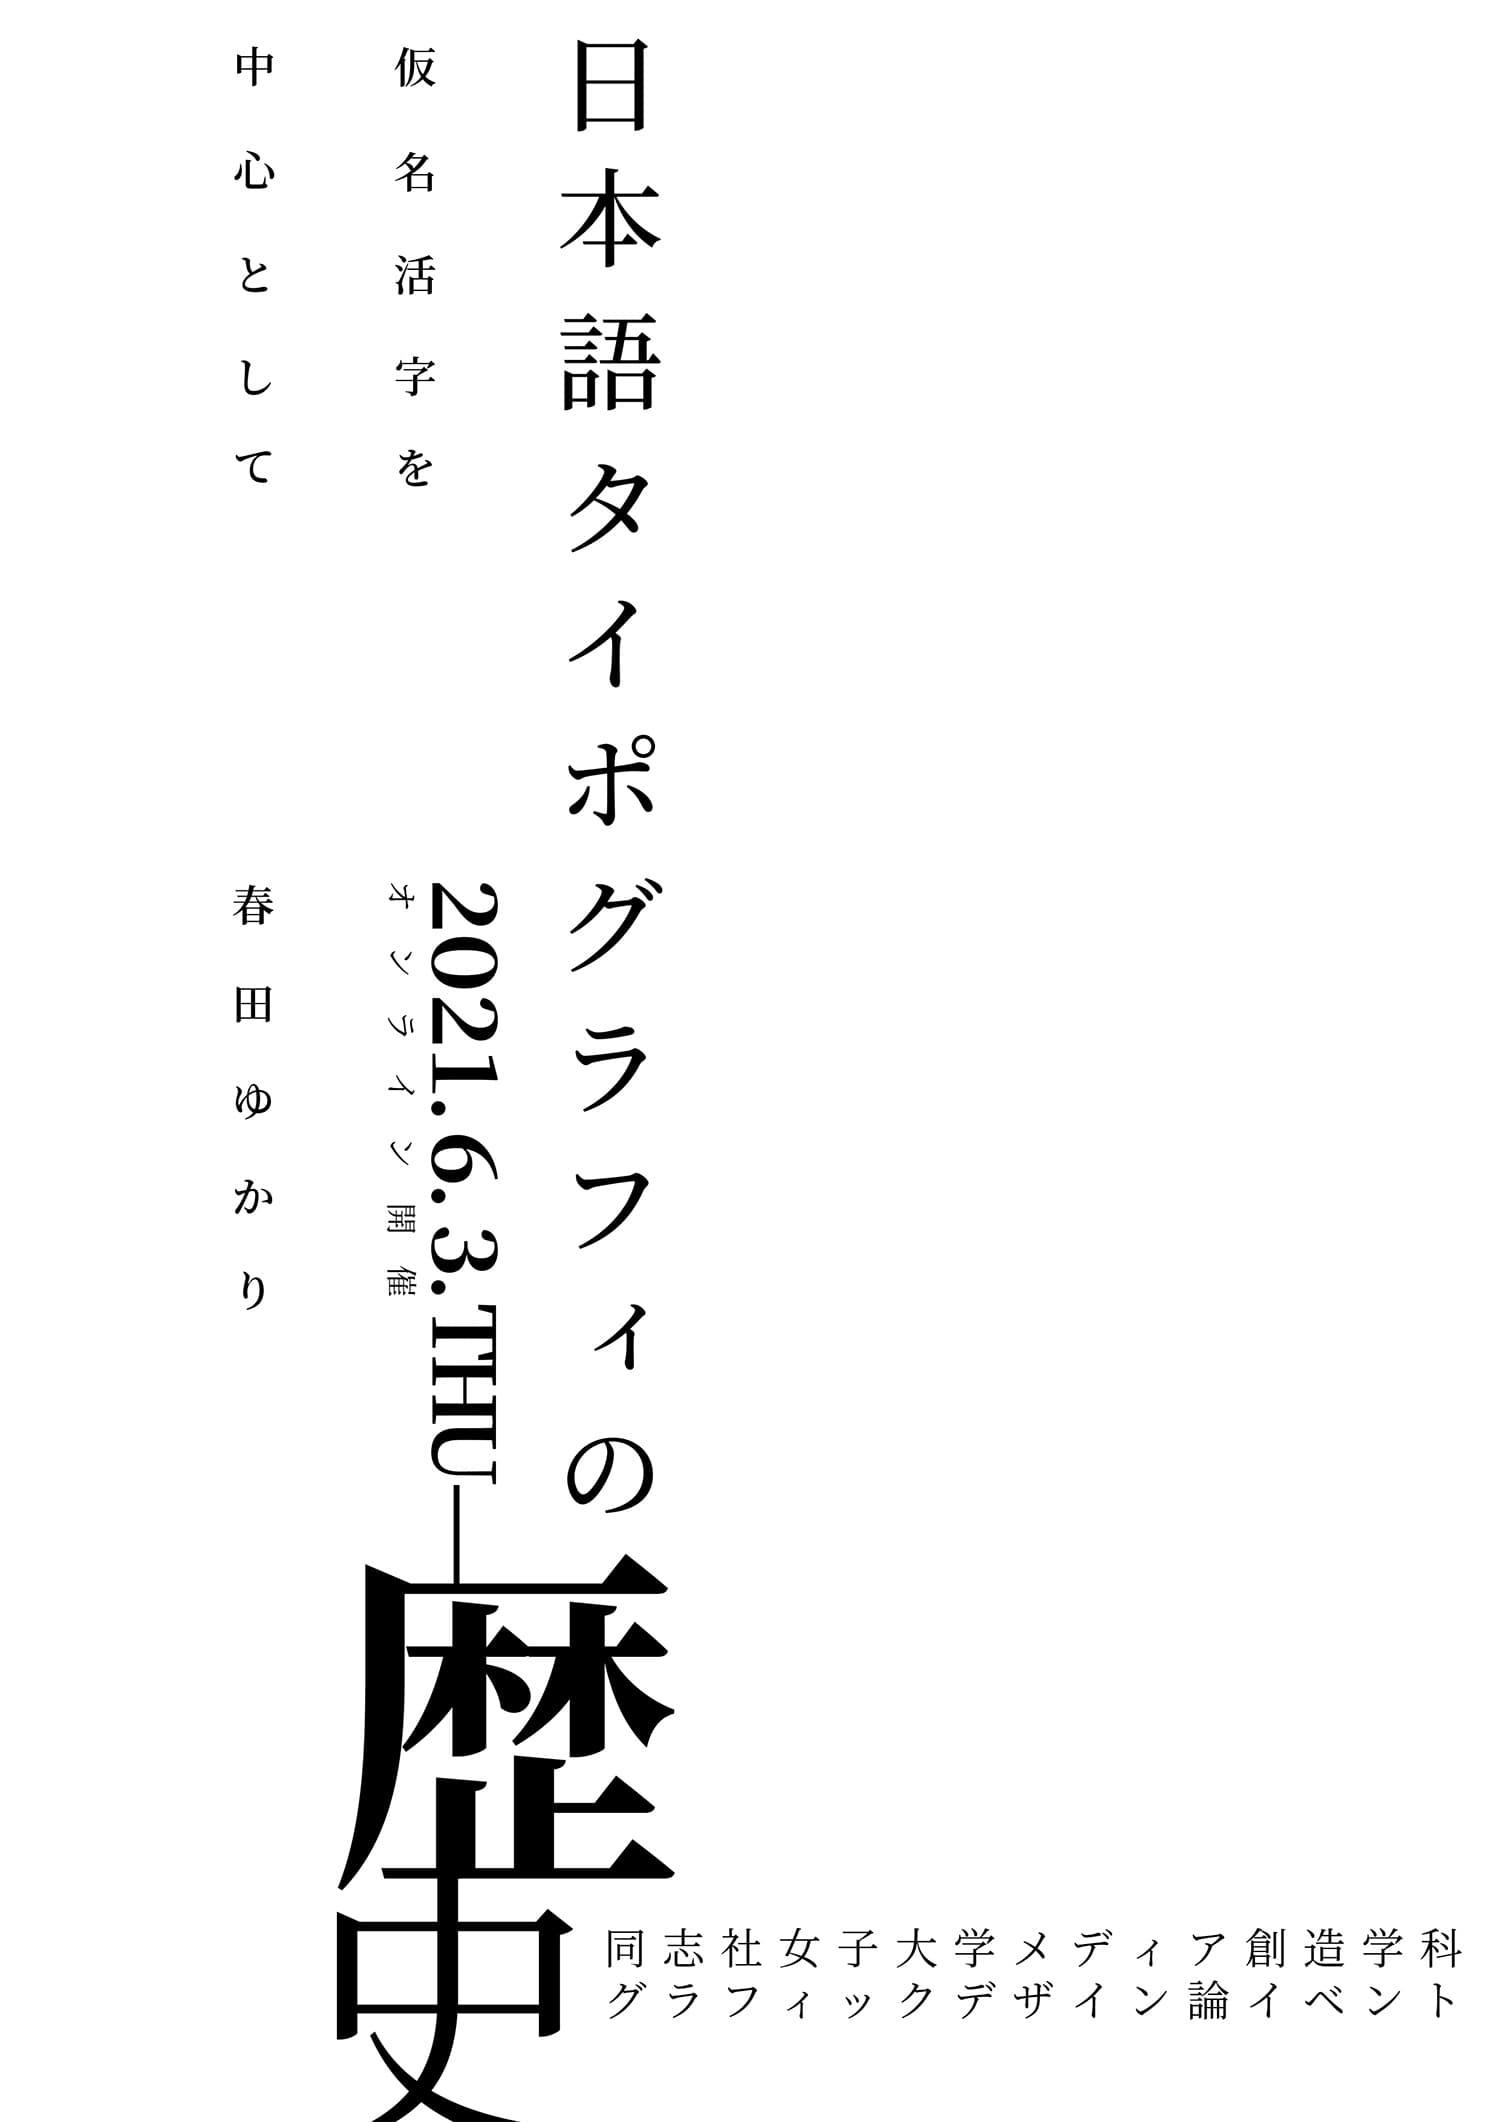 日本語タイポグラフィの歴史 ー仮名文字を中心としてー:ゲストスピーカー春田ゆかり氏